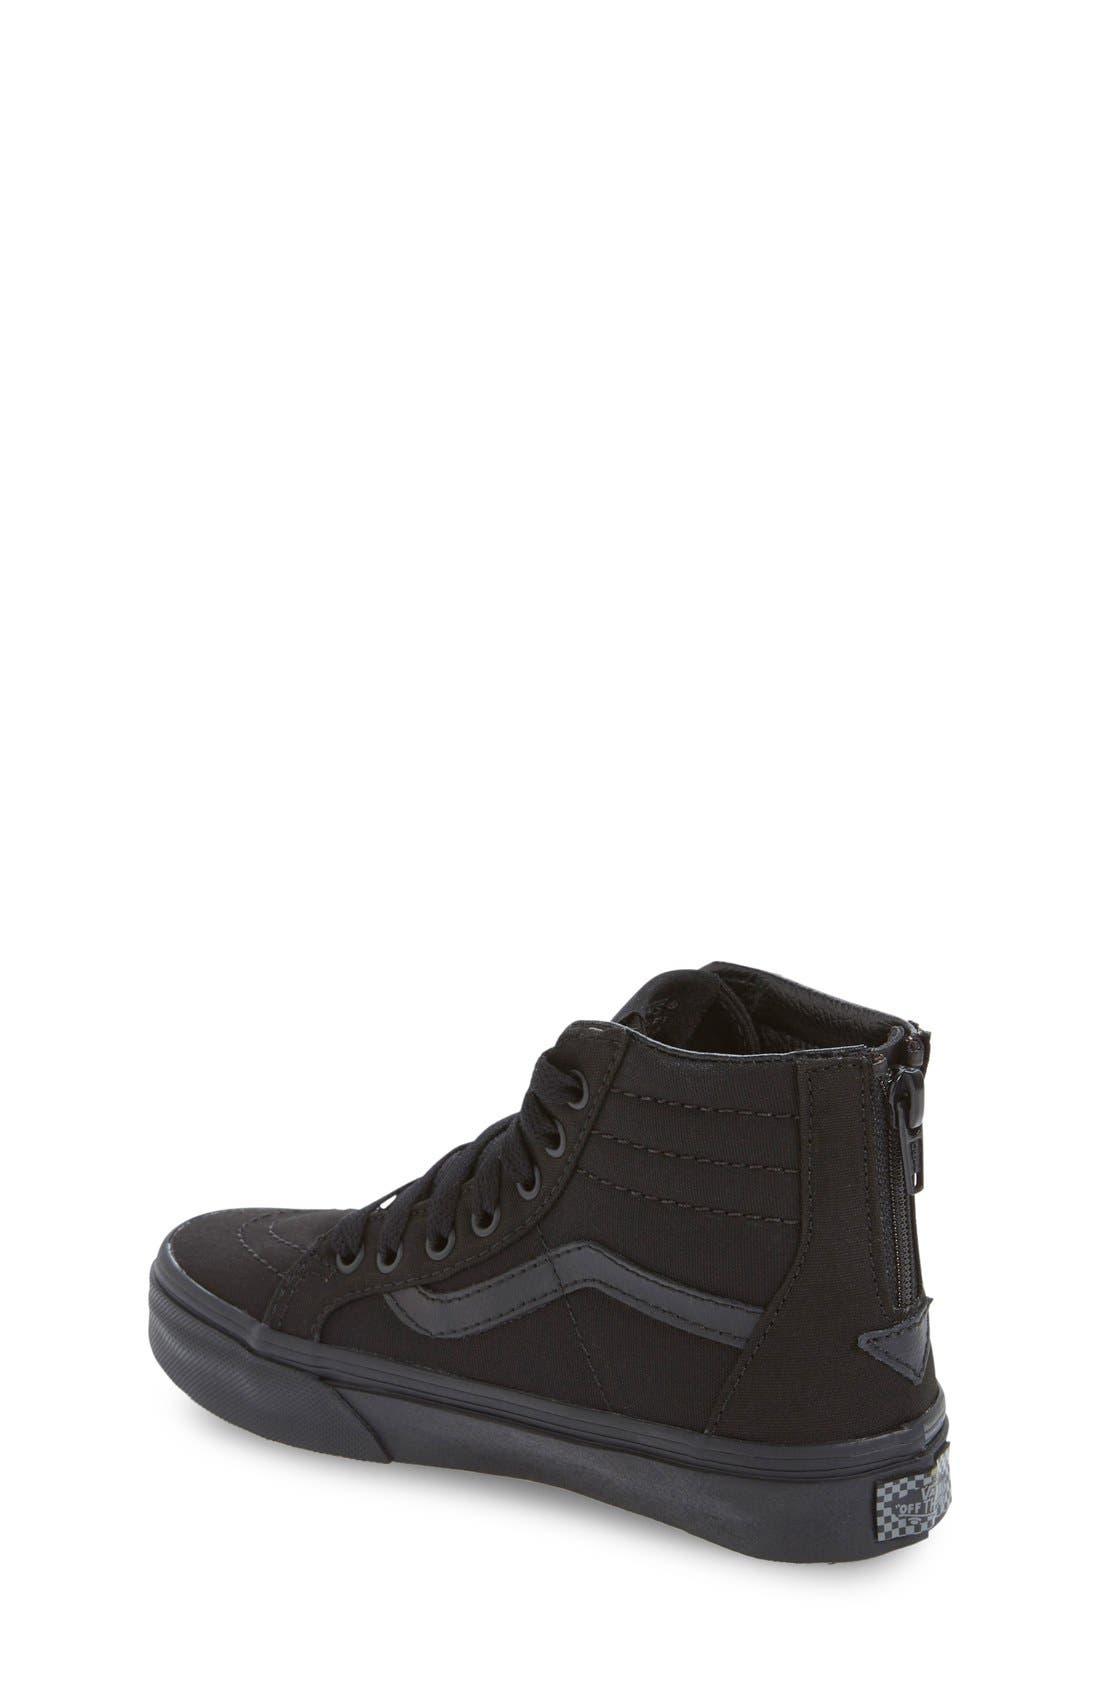 'Sk8-Hi' Zip Sneaker,                             Alternate thumbnail 14, color,